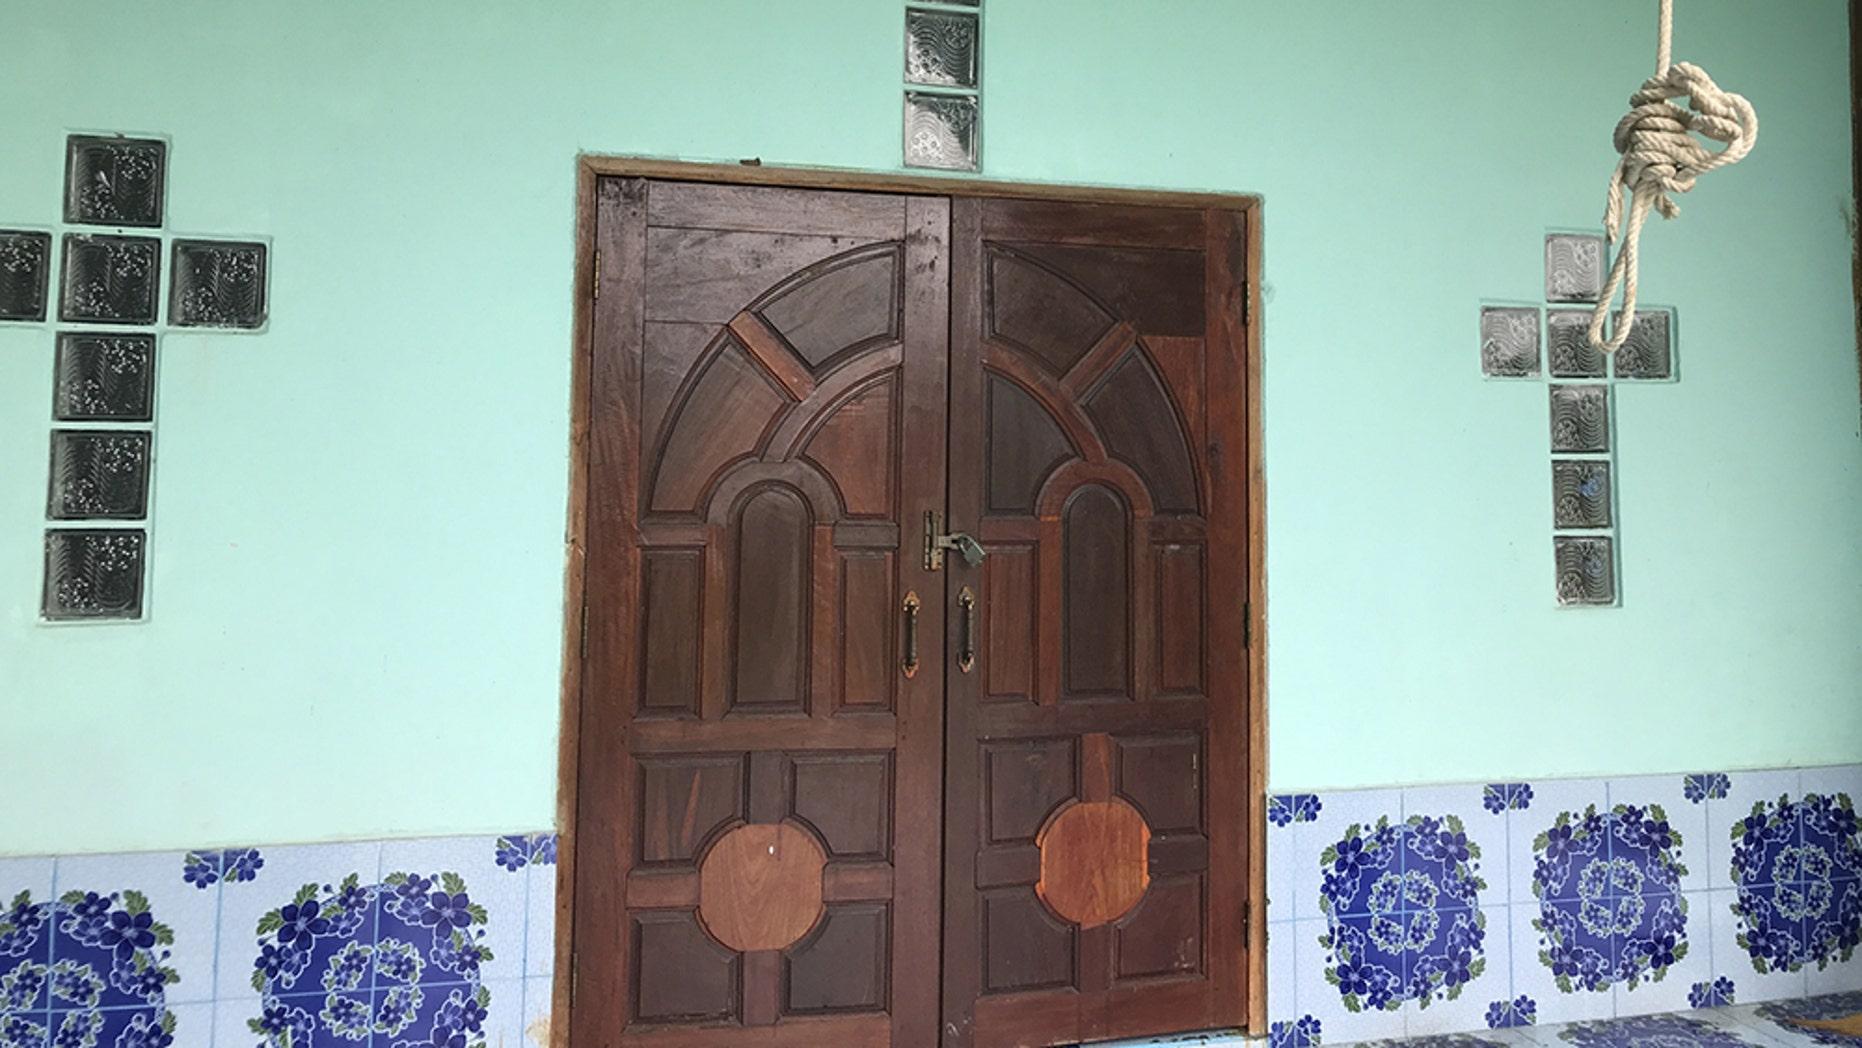 A Karen Church in Kayin State, Burma